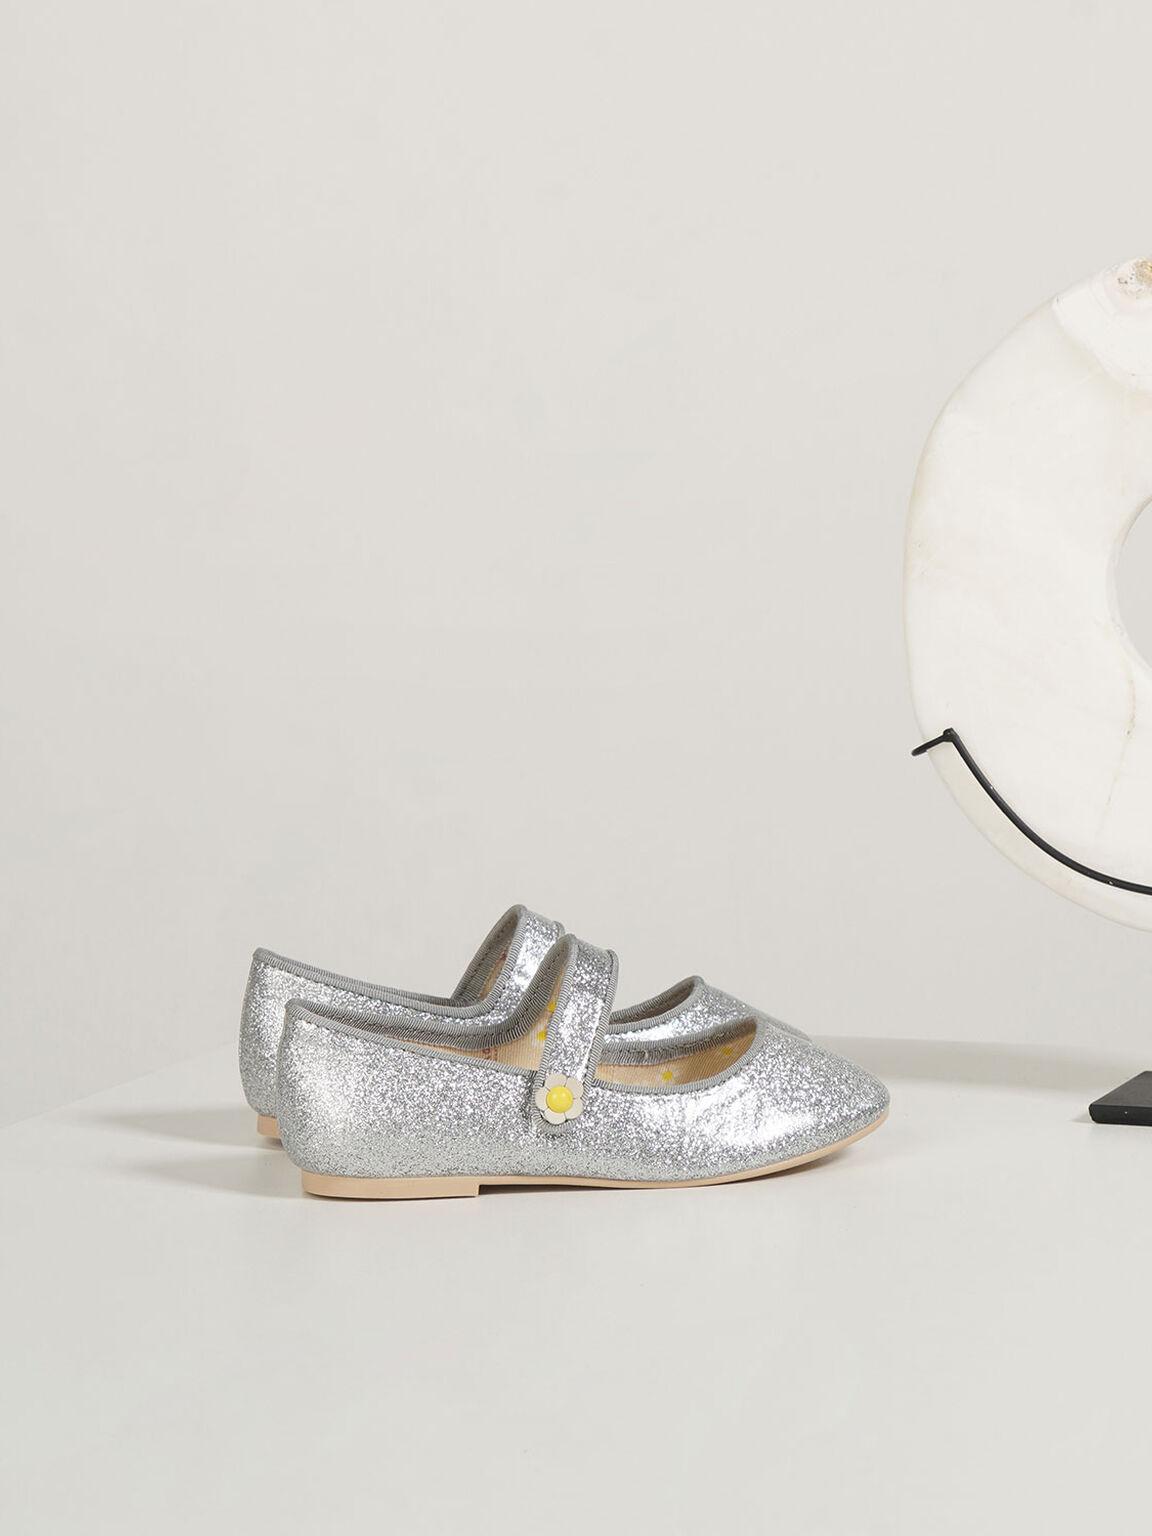 兒童瑪莉珍芭蕾鞋, 銀色, hi-res